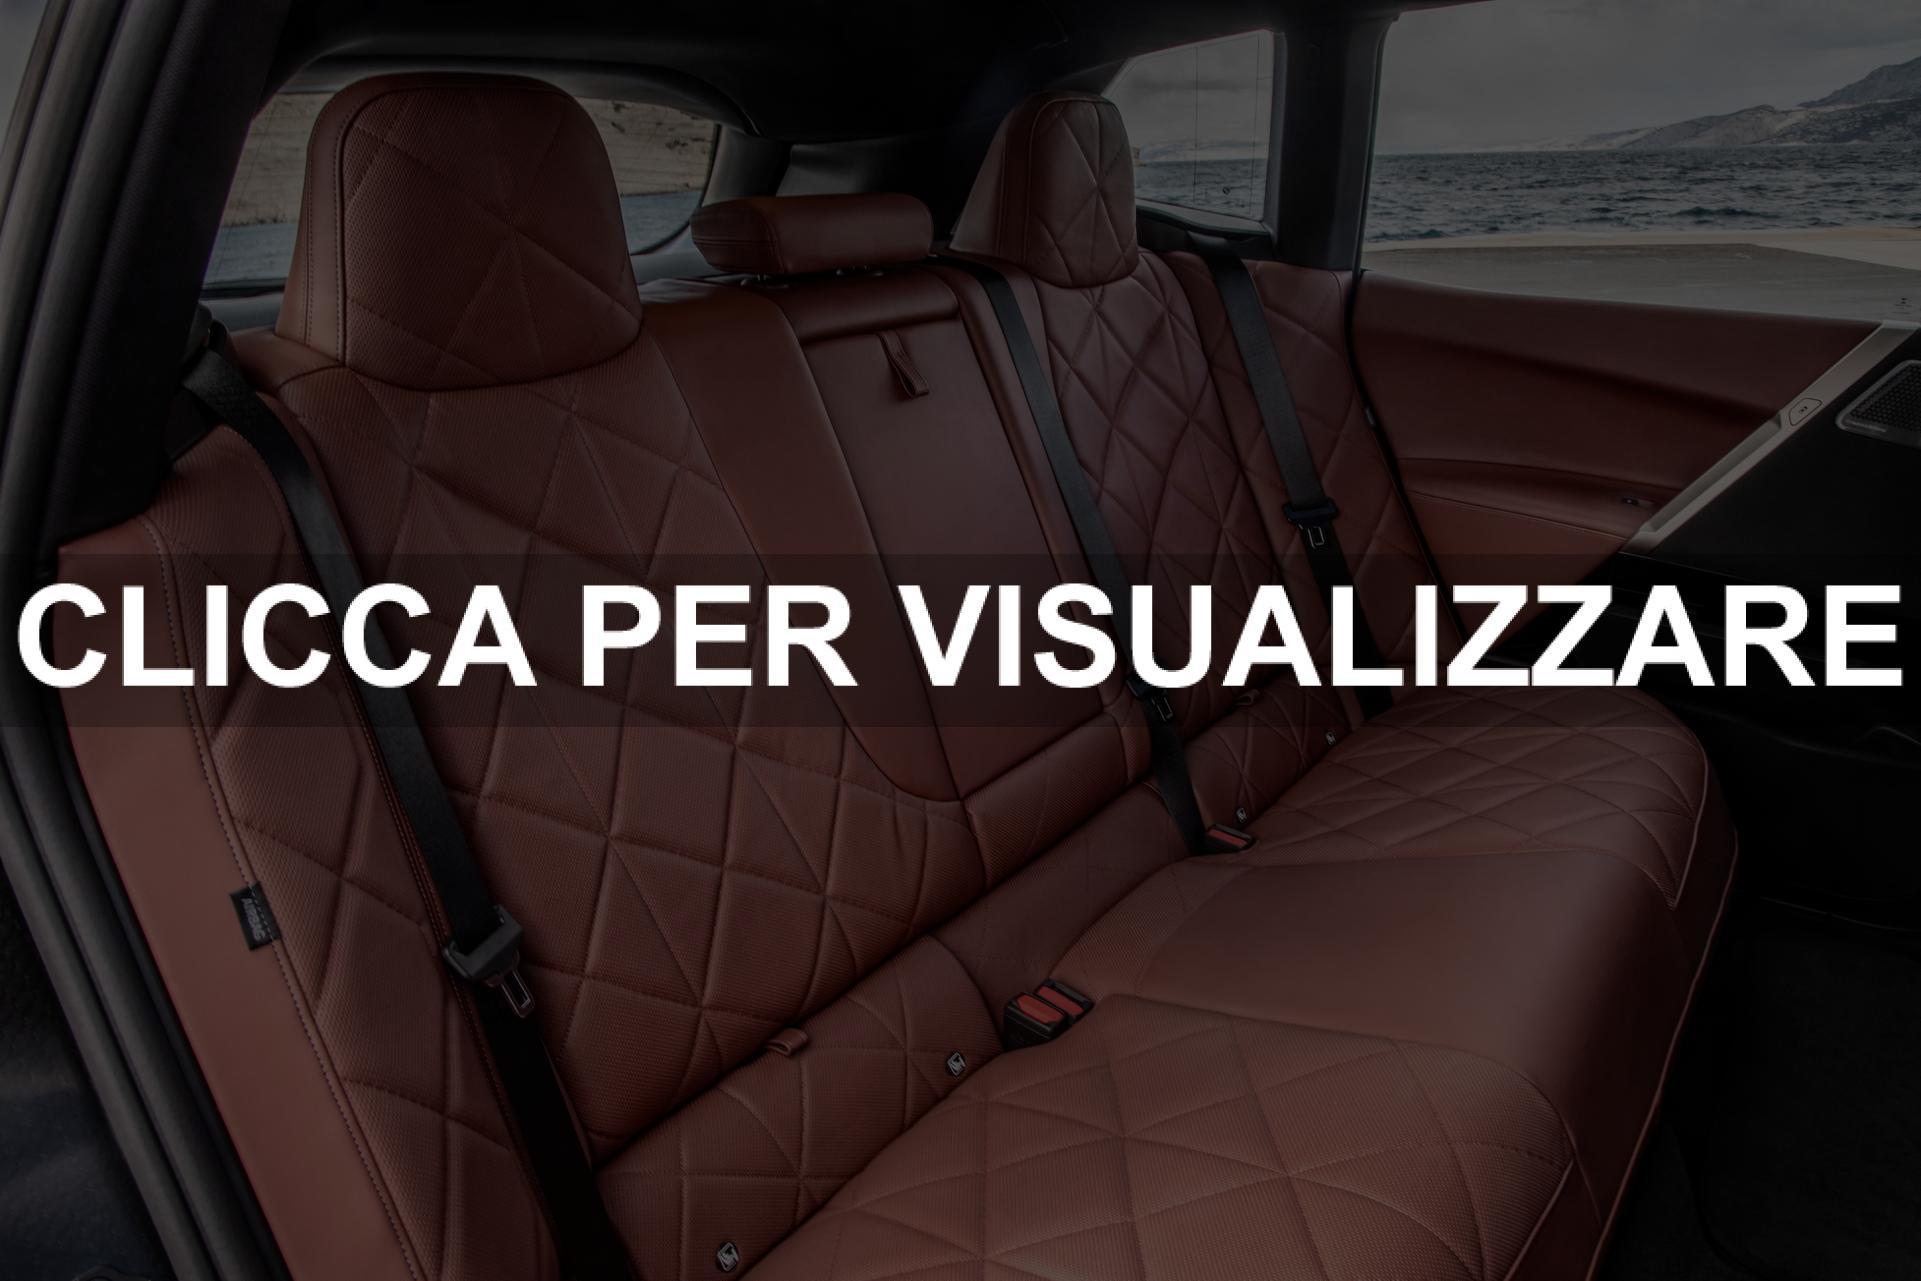 Immagine sedile posteriore BMW iX xDrive50